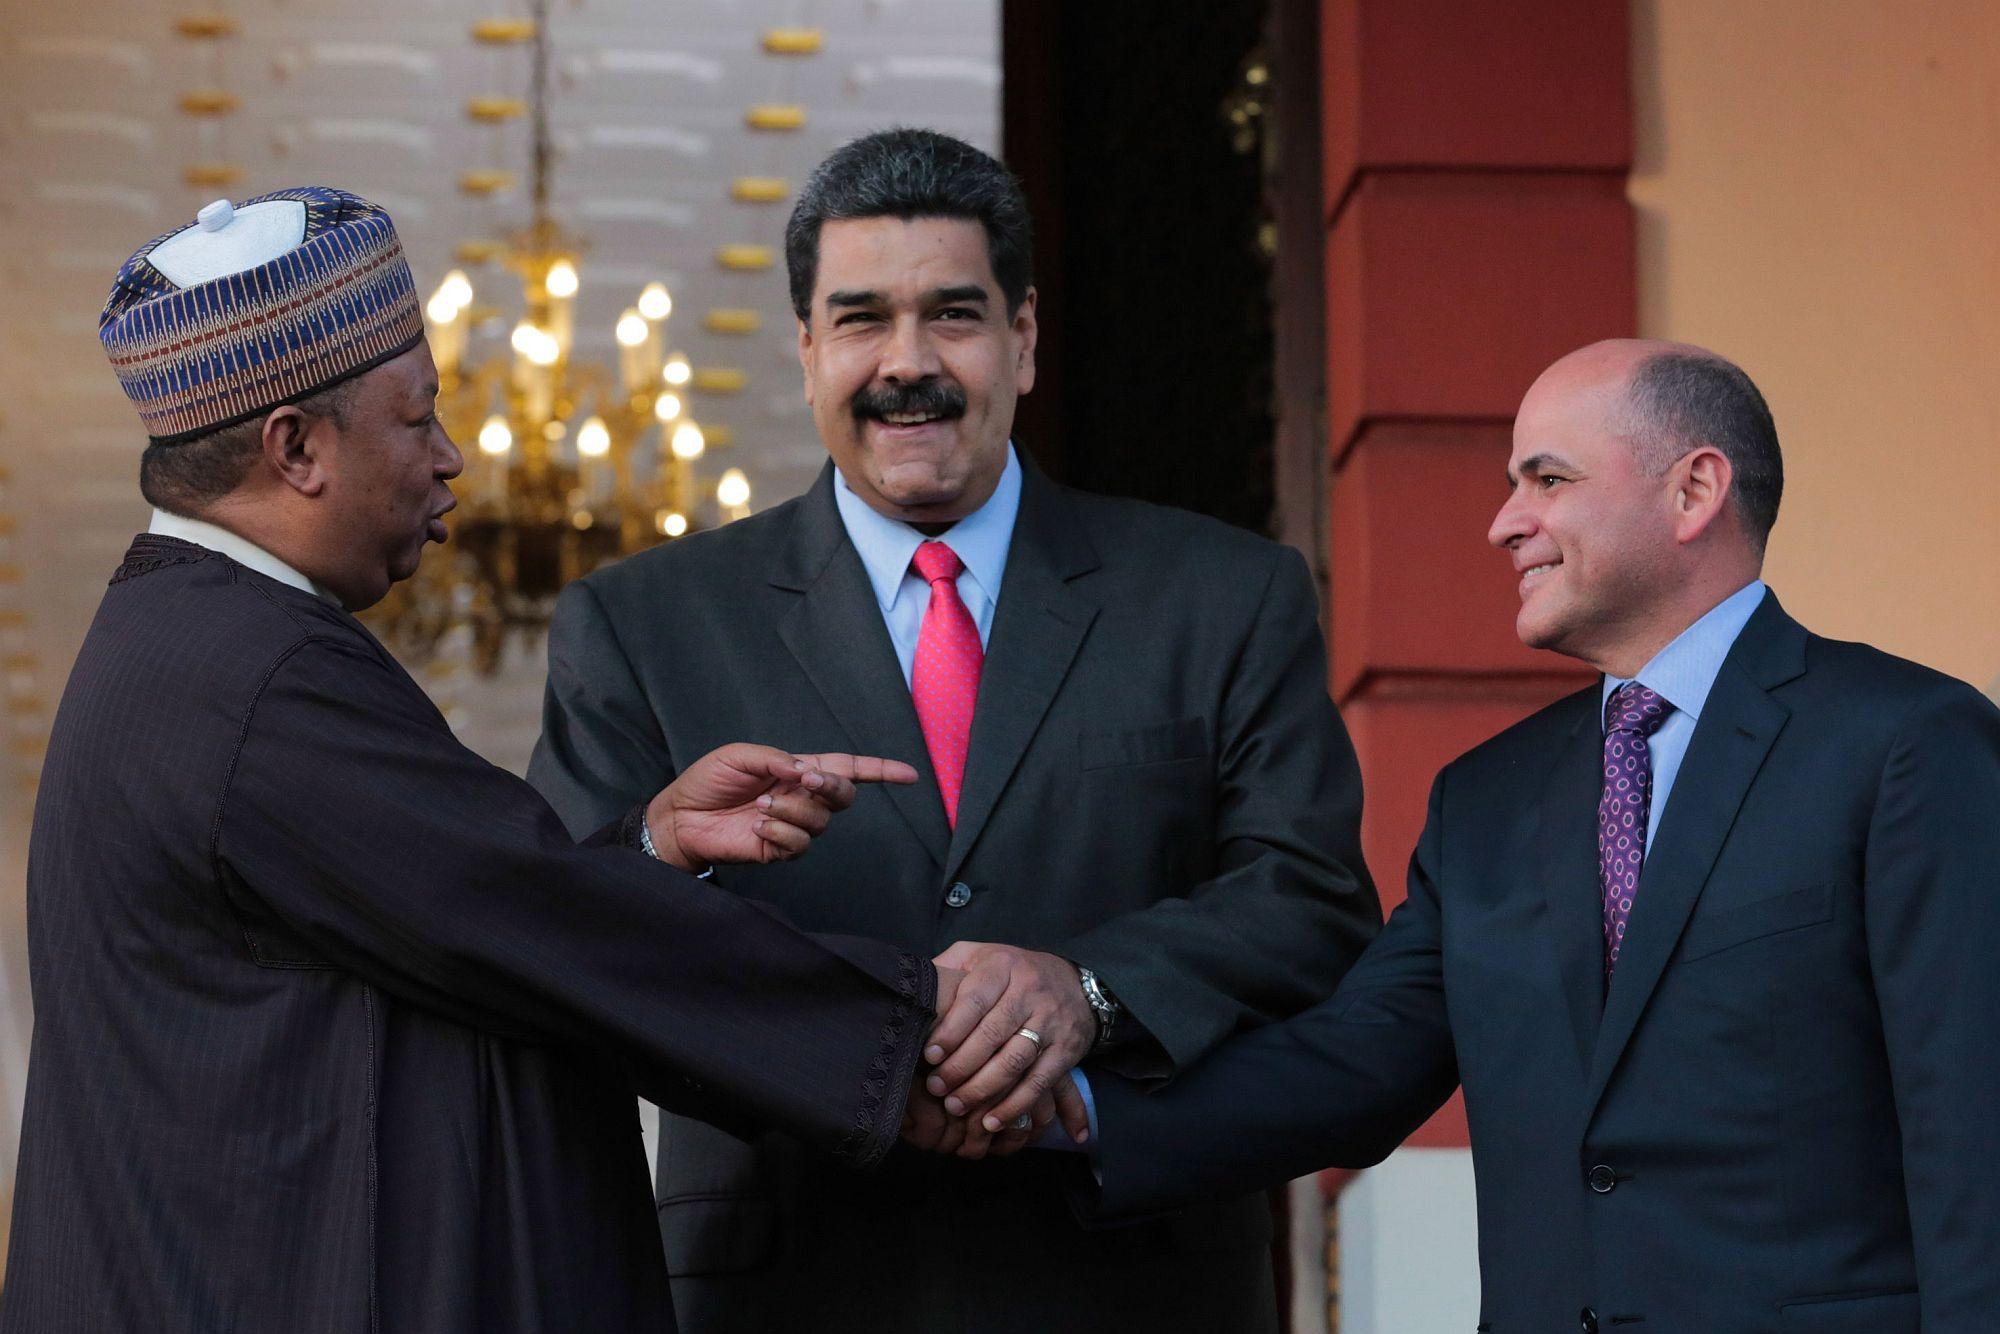 Caracas, 2018. február 6. A Miraflores elnöki hivatal sajtóosztálya által közreadott képen Mohammed Barkindo, a Kõolajexportáló Országok Szervezetének (OPEC) nigériai főtitkára, Nicolás Maduro venezuelai államfő és Manuel Quevedo venezuelai olajipari miniszter, a PDVSA állami olajtársaság elnöke (b-j) kezet fog a caracasi elnöki palotában 2018. február 5-én. (MTI/EPA/Miraflores)